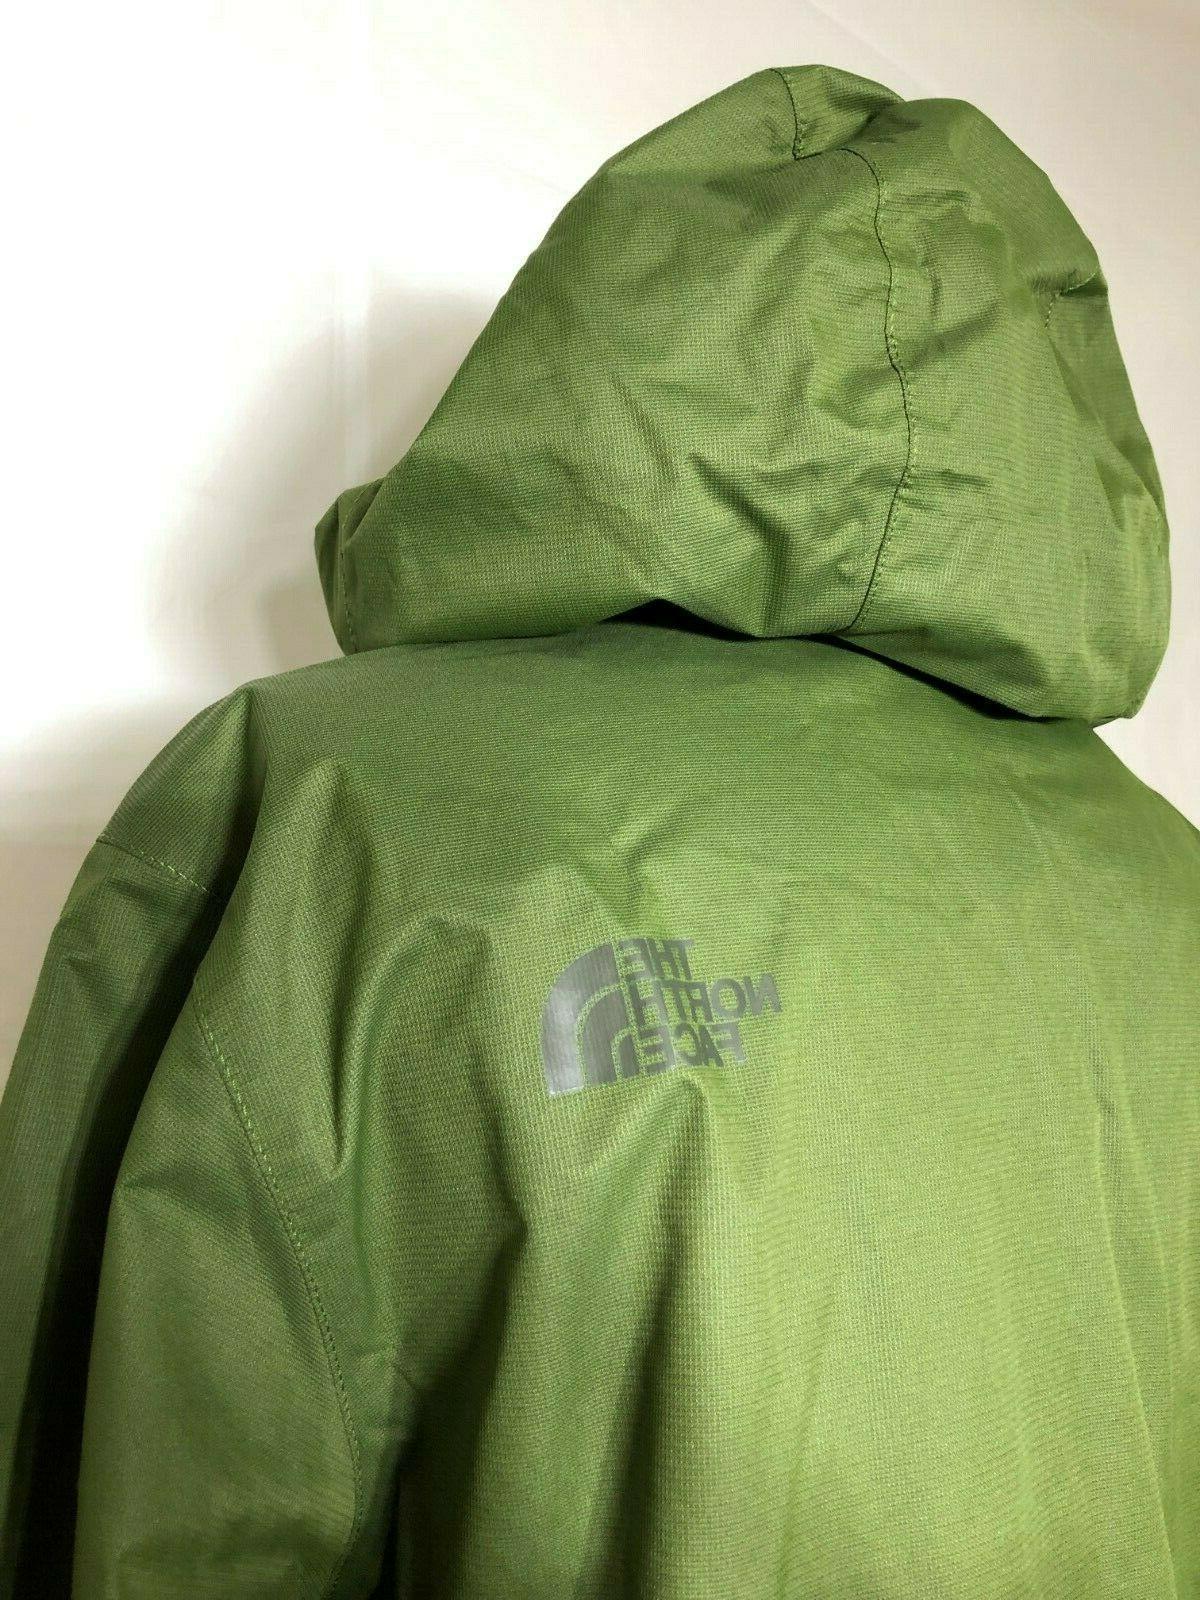 NWT Men's Waterproof Hooded Rain Jacket Large